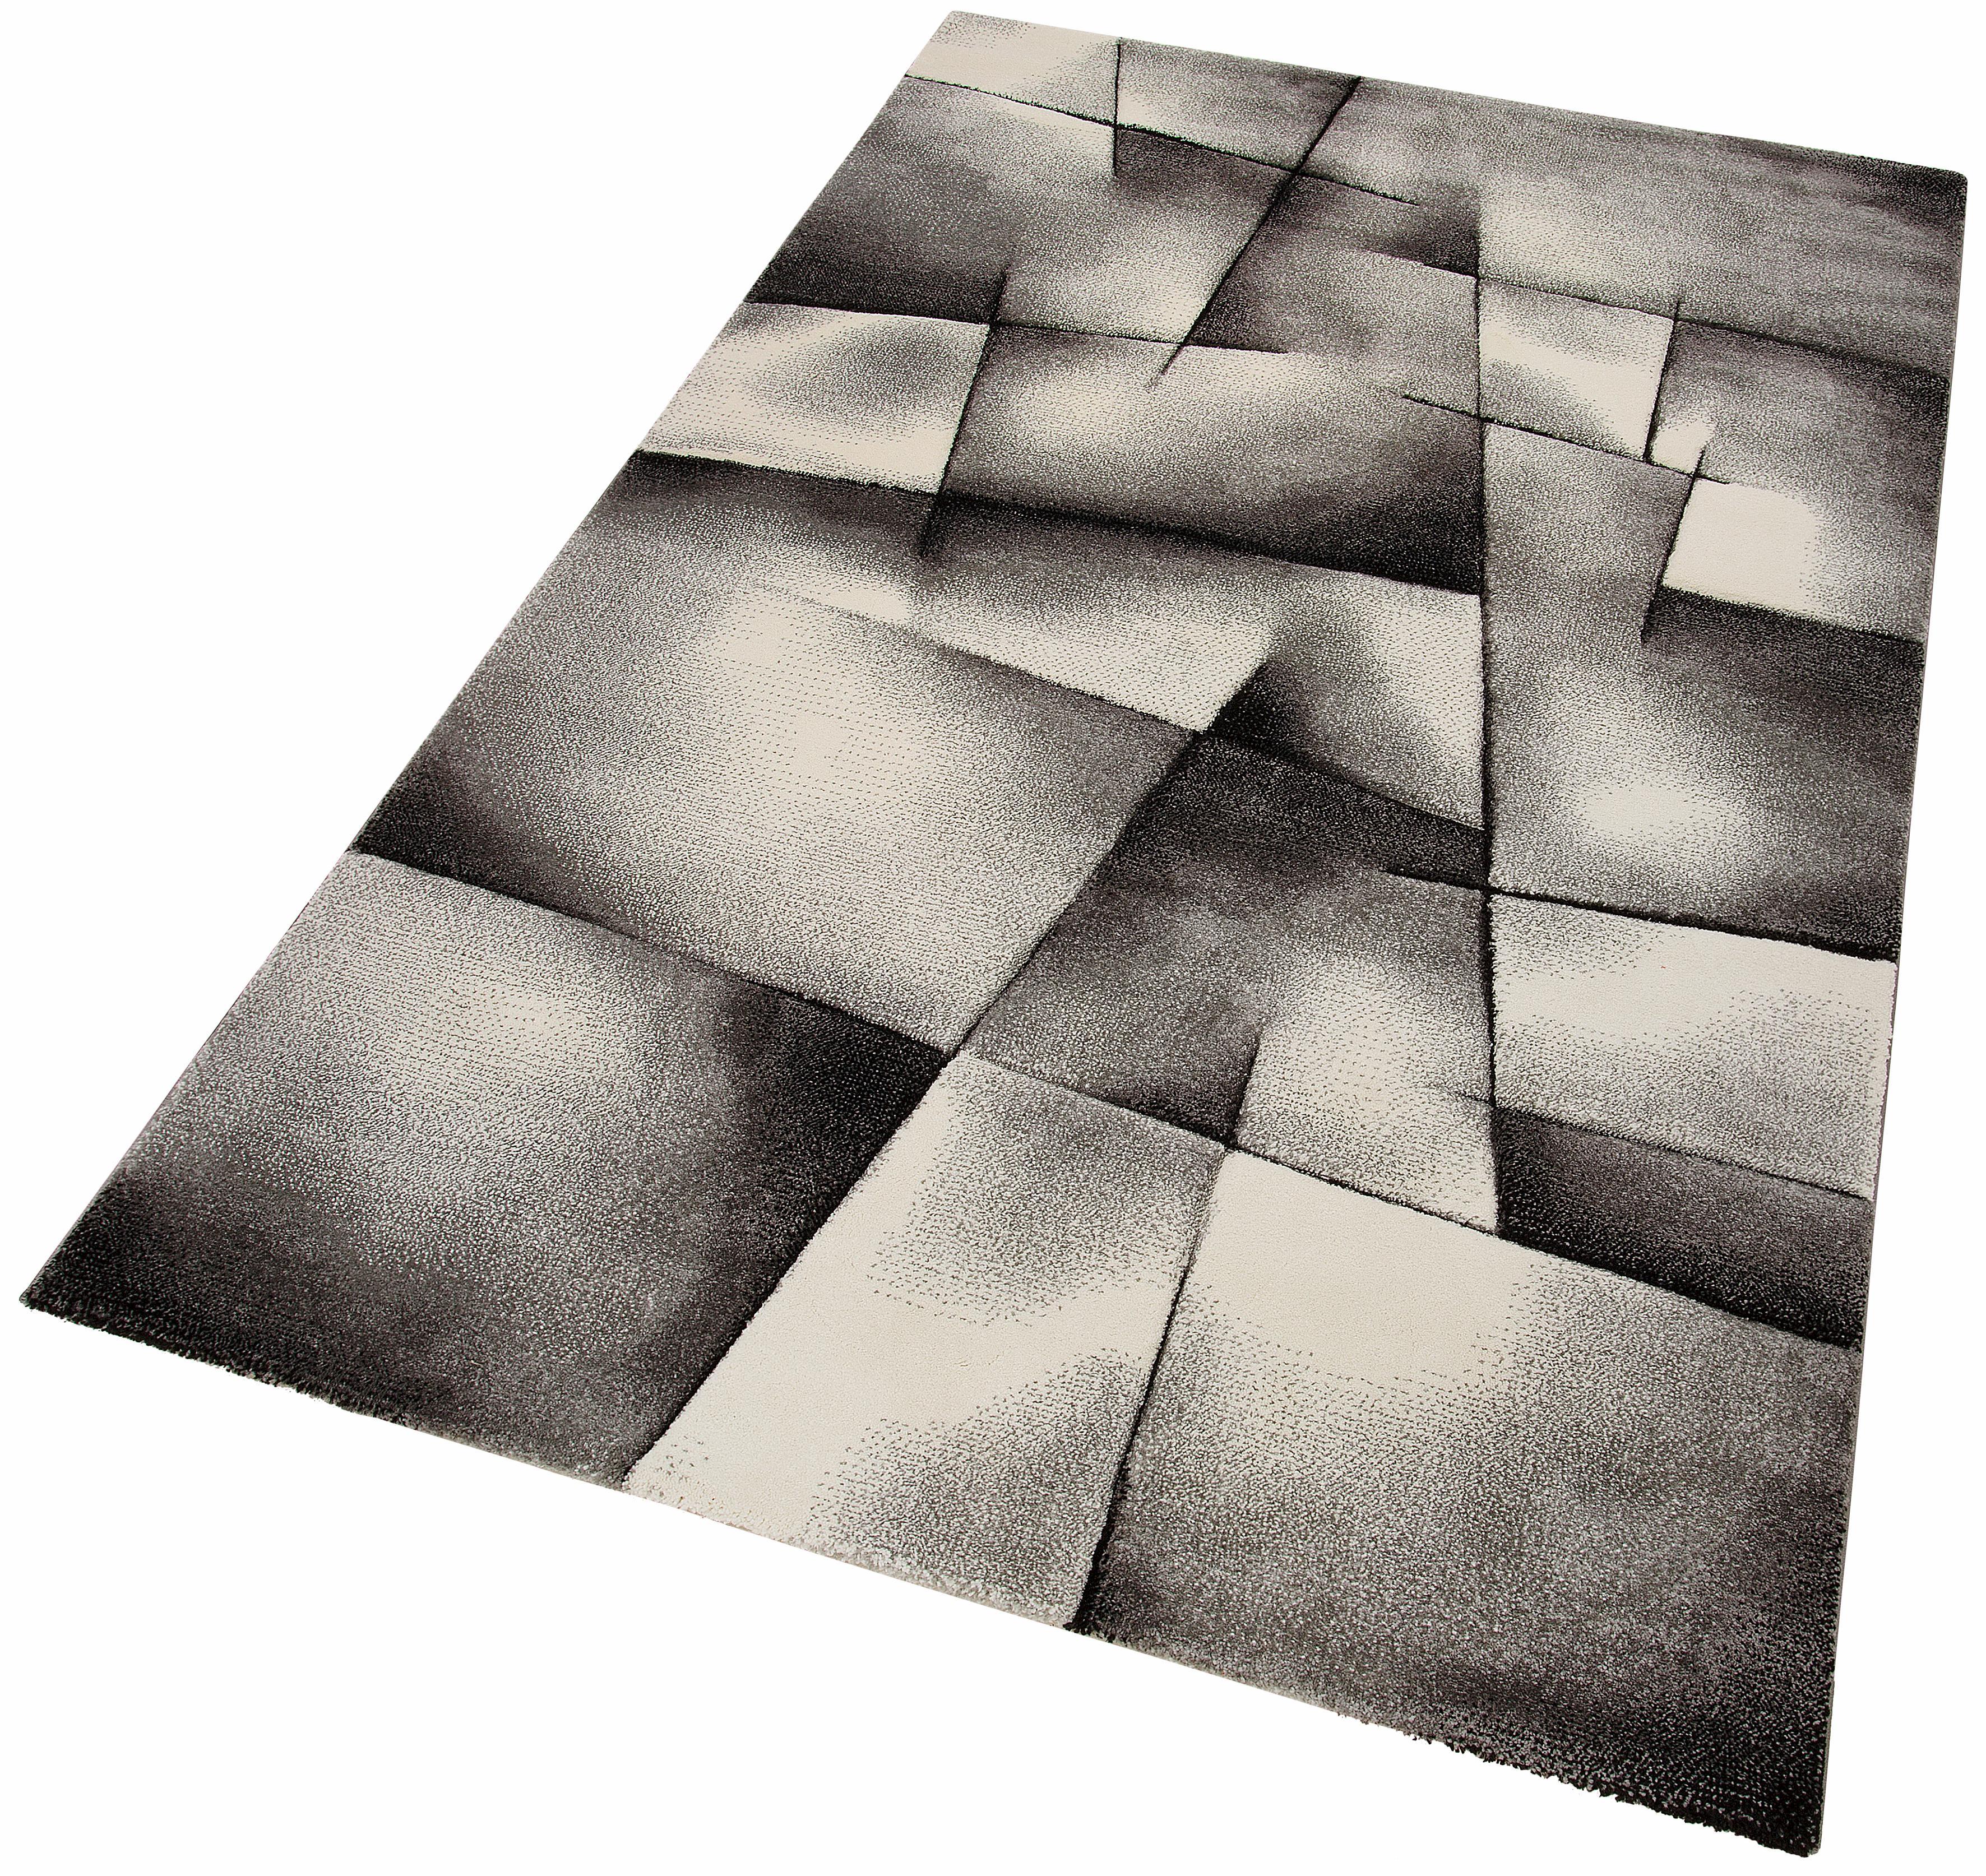 Teppich BRILLIANCE merinos rechteckig Höhe 13 mm maschinell gewebt